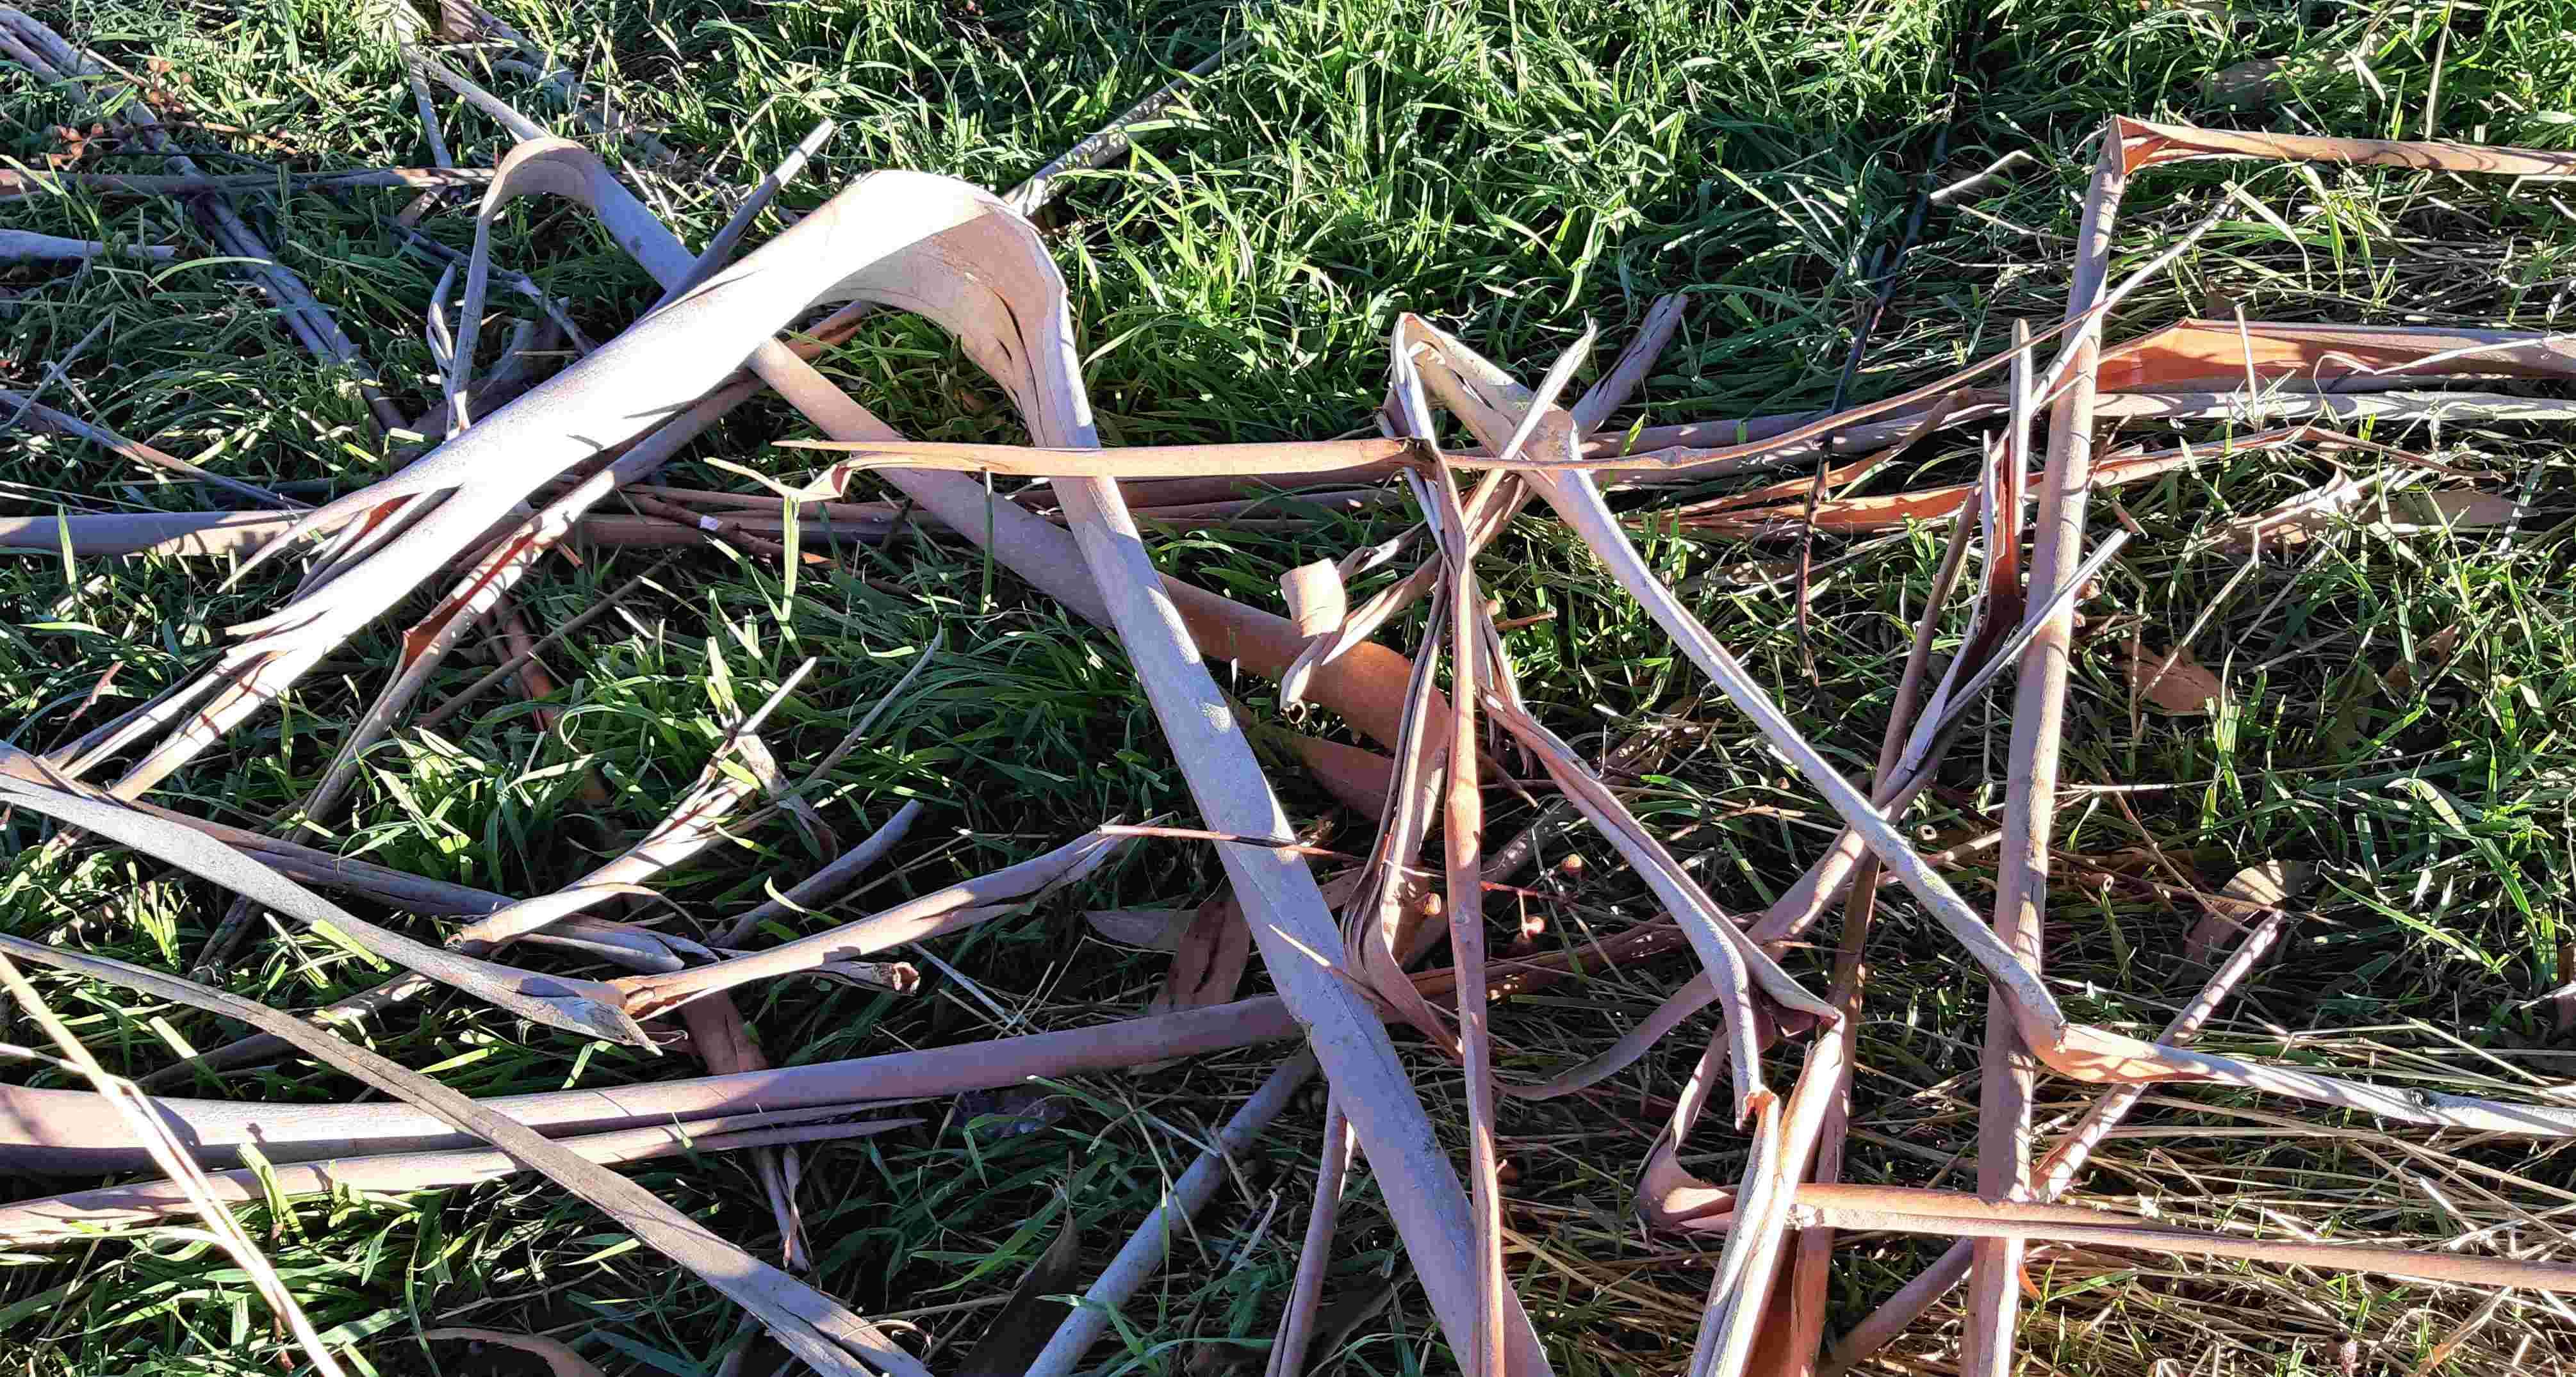 Strips of eucalyptus bark litter the ground.